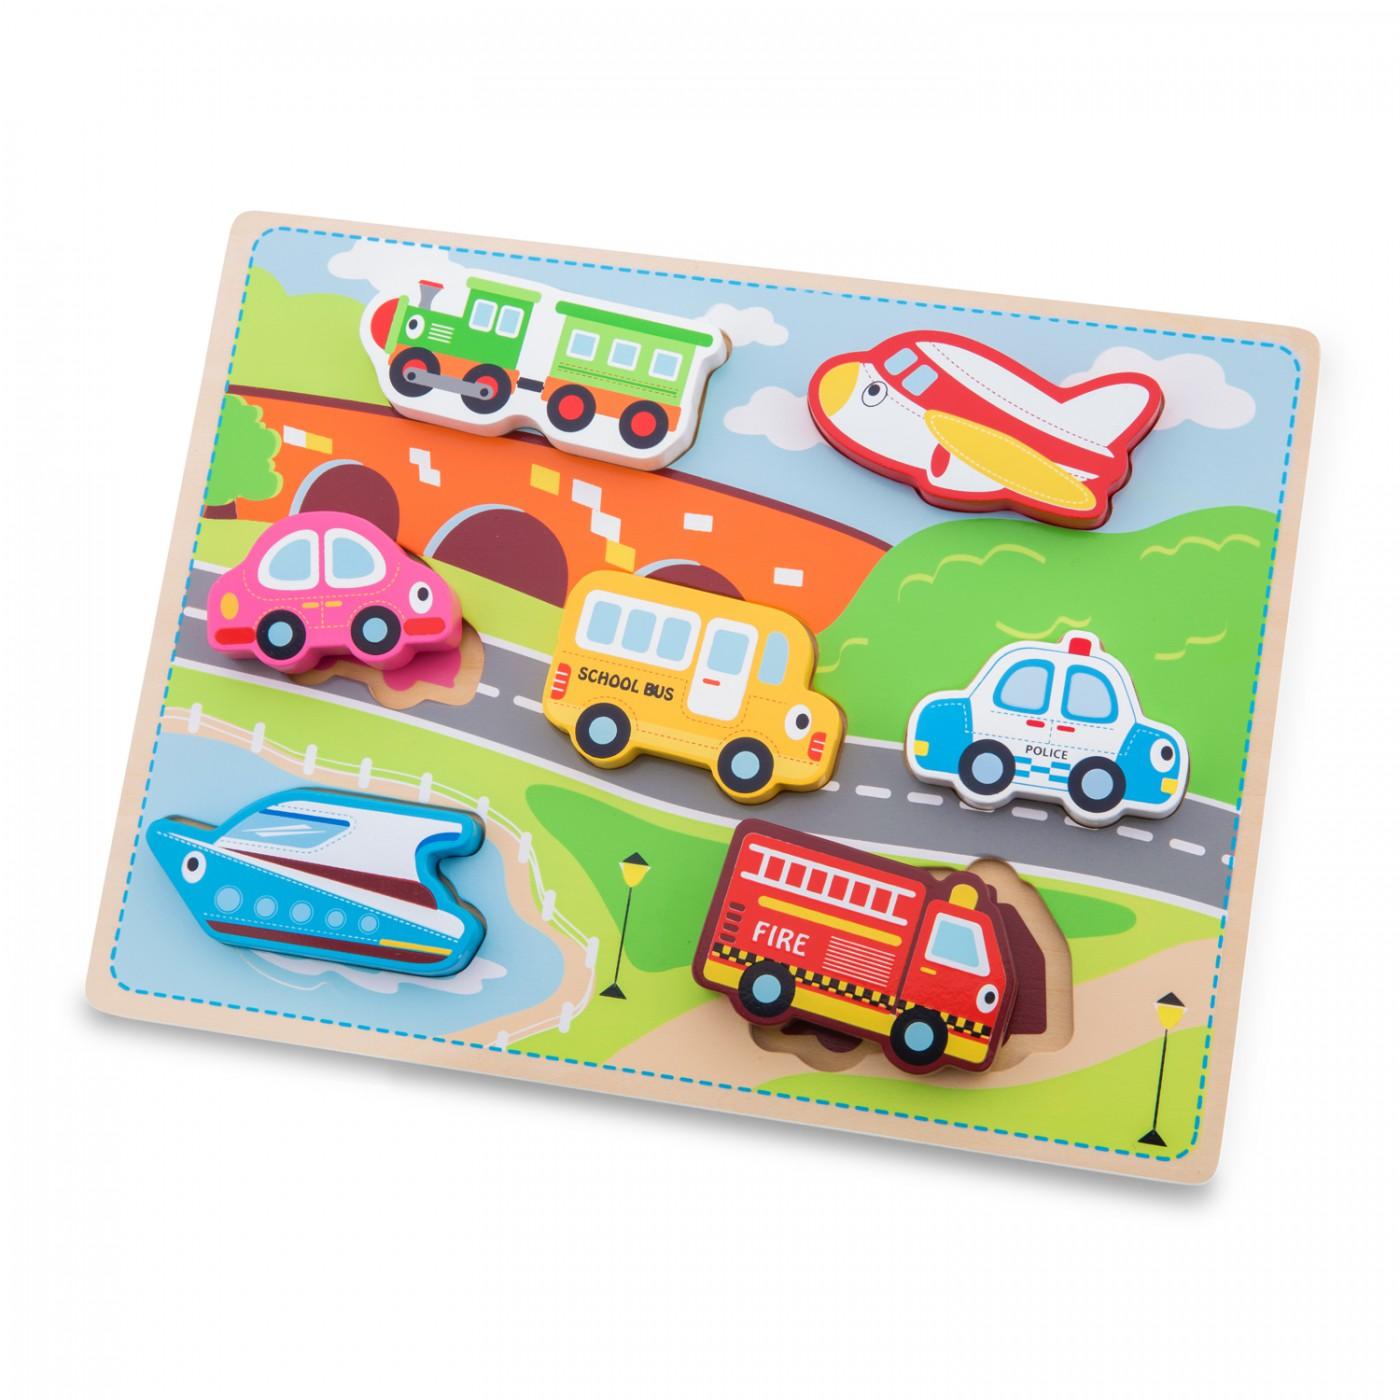 Fahrzeugpuzzle mit großen Teilen